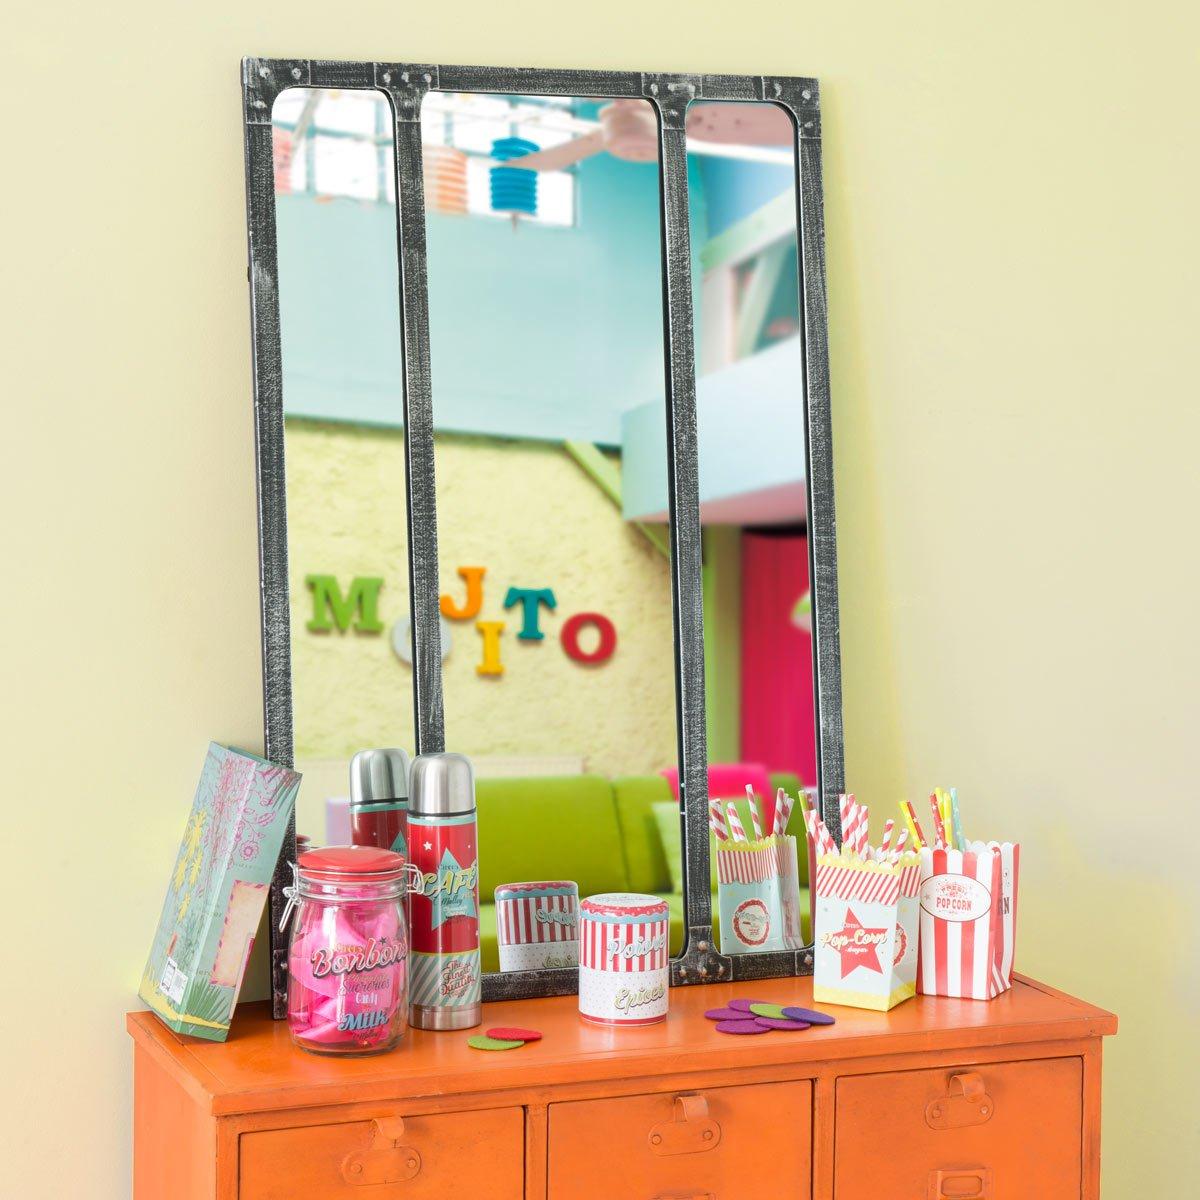 Tutto quello che dovete sapere per arredare in stile - Specchio stile industriale ...